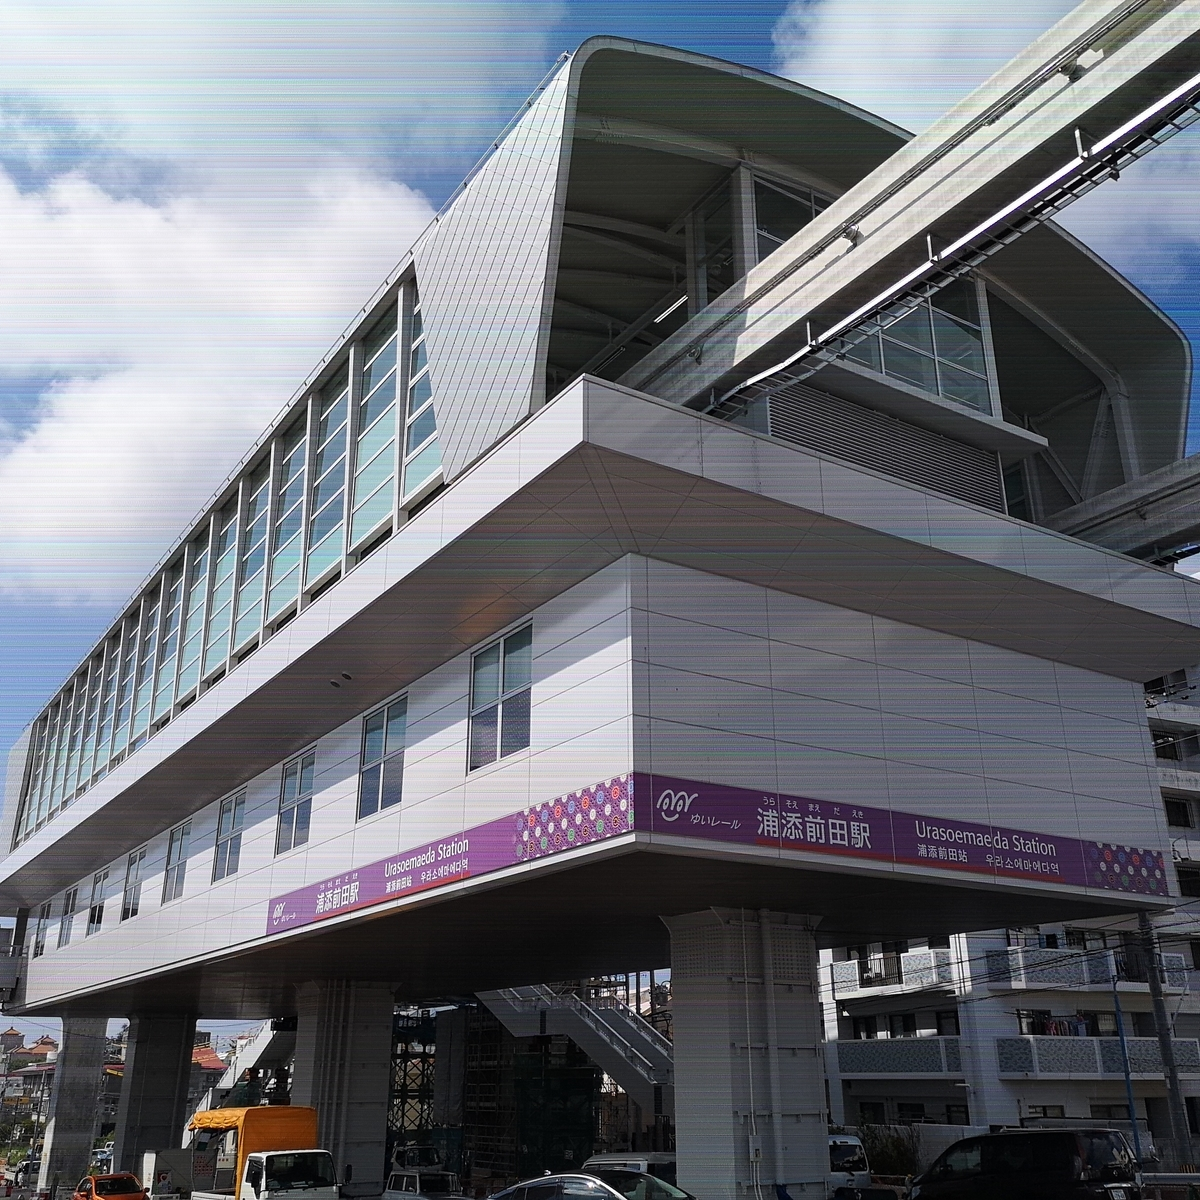 ゆいレール 浦添前田駅